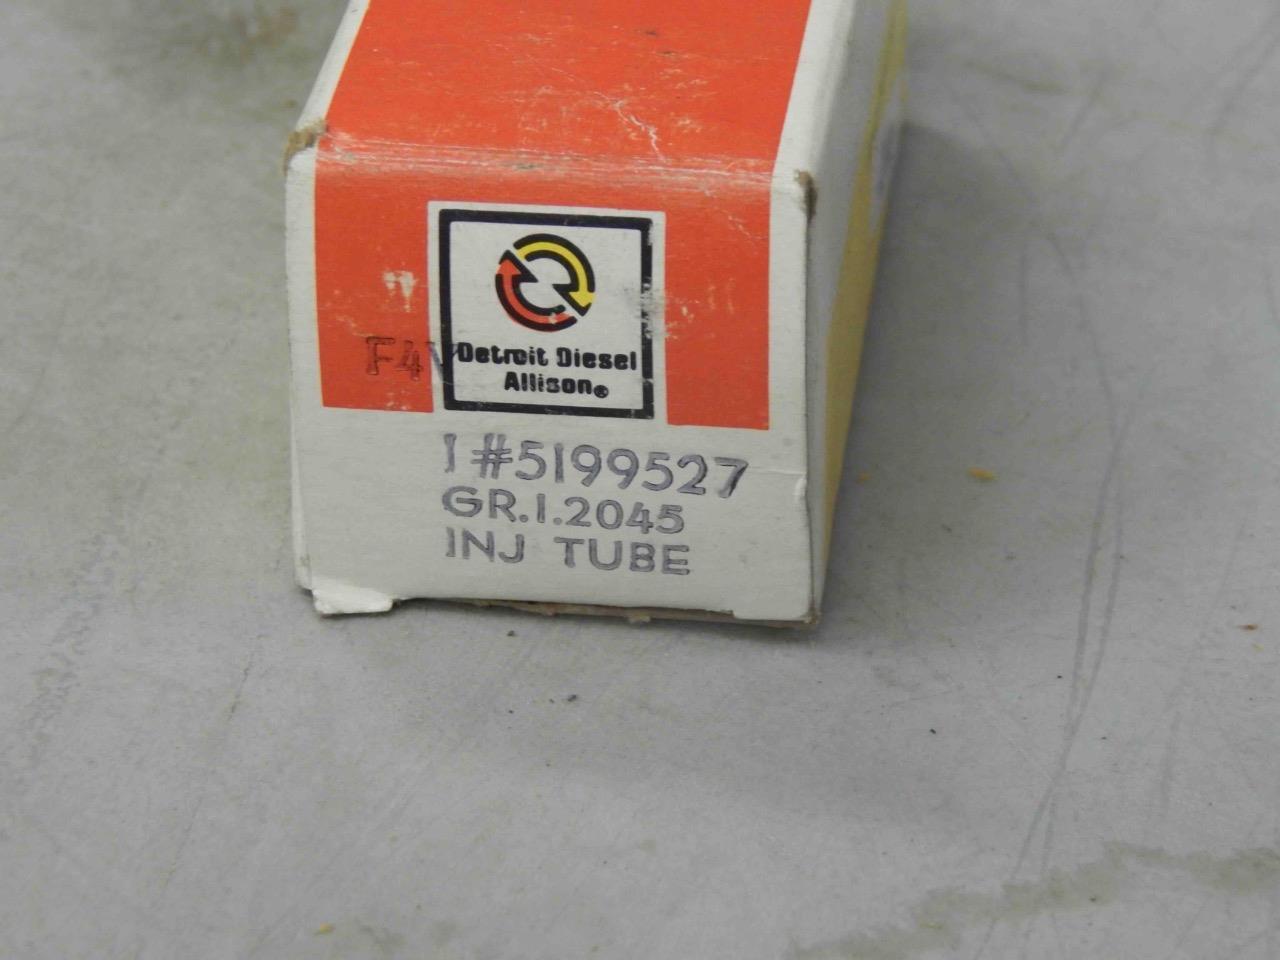 73-91 Blazer D2 Fan For 73-87 Chevrolet Truck 4 Row Aluminum Radiator /& Shroud